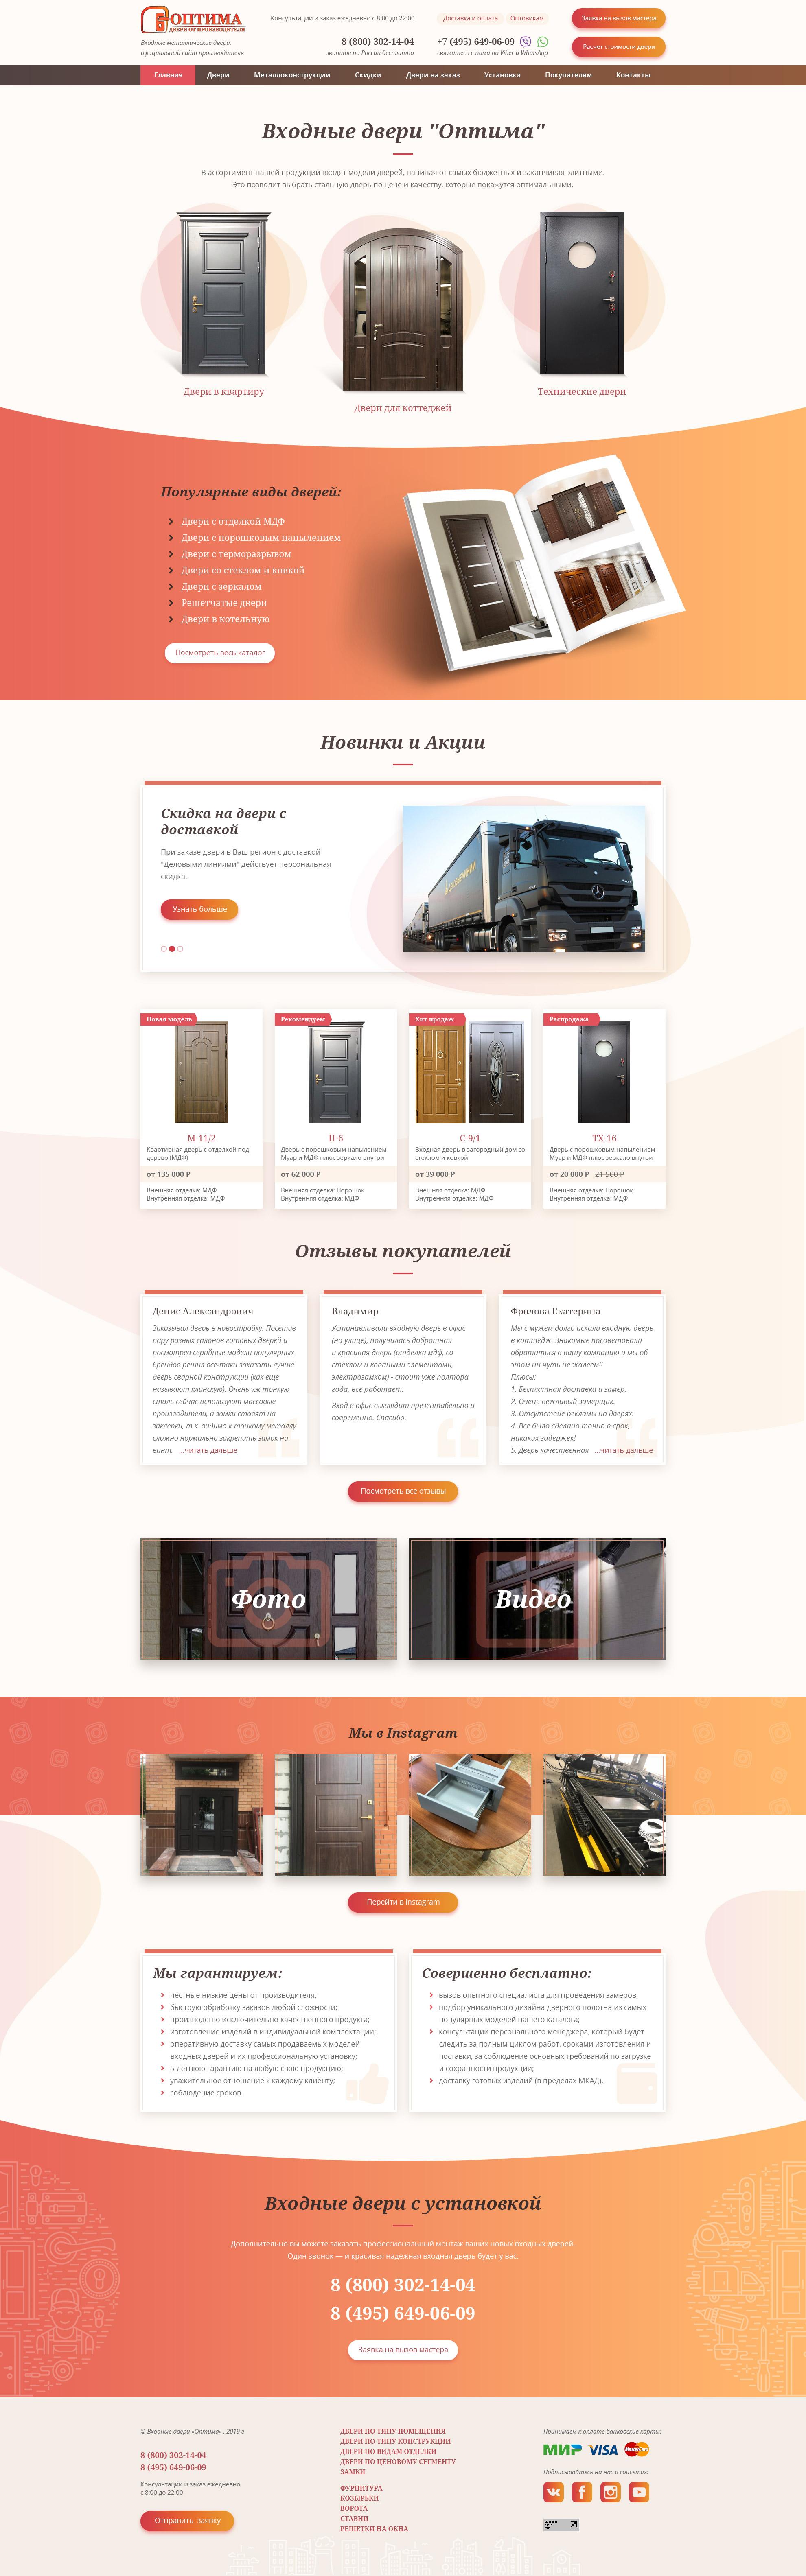 Оптима - двери от производителя (Интернет-магазин)